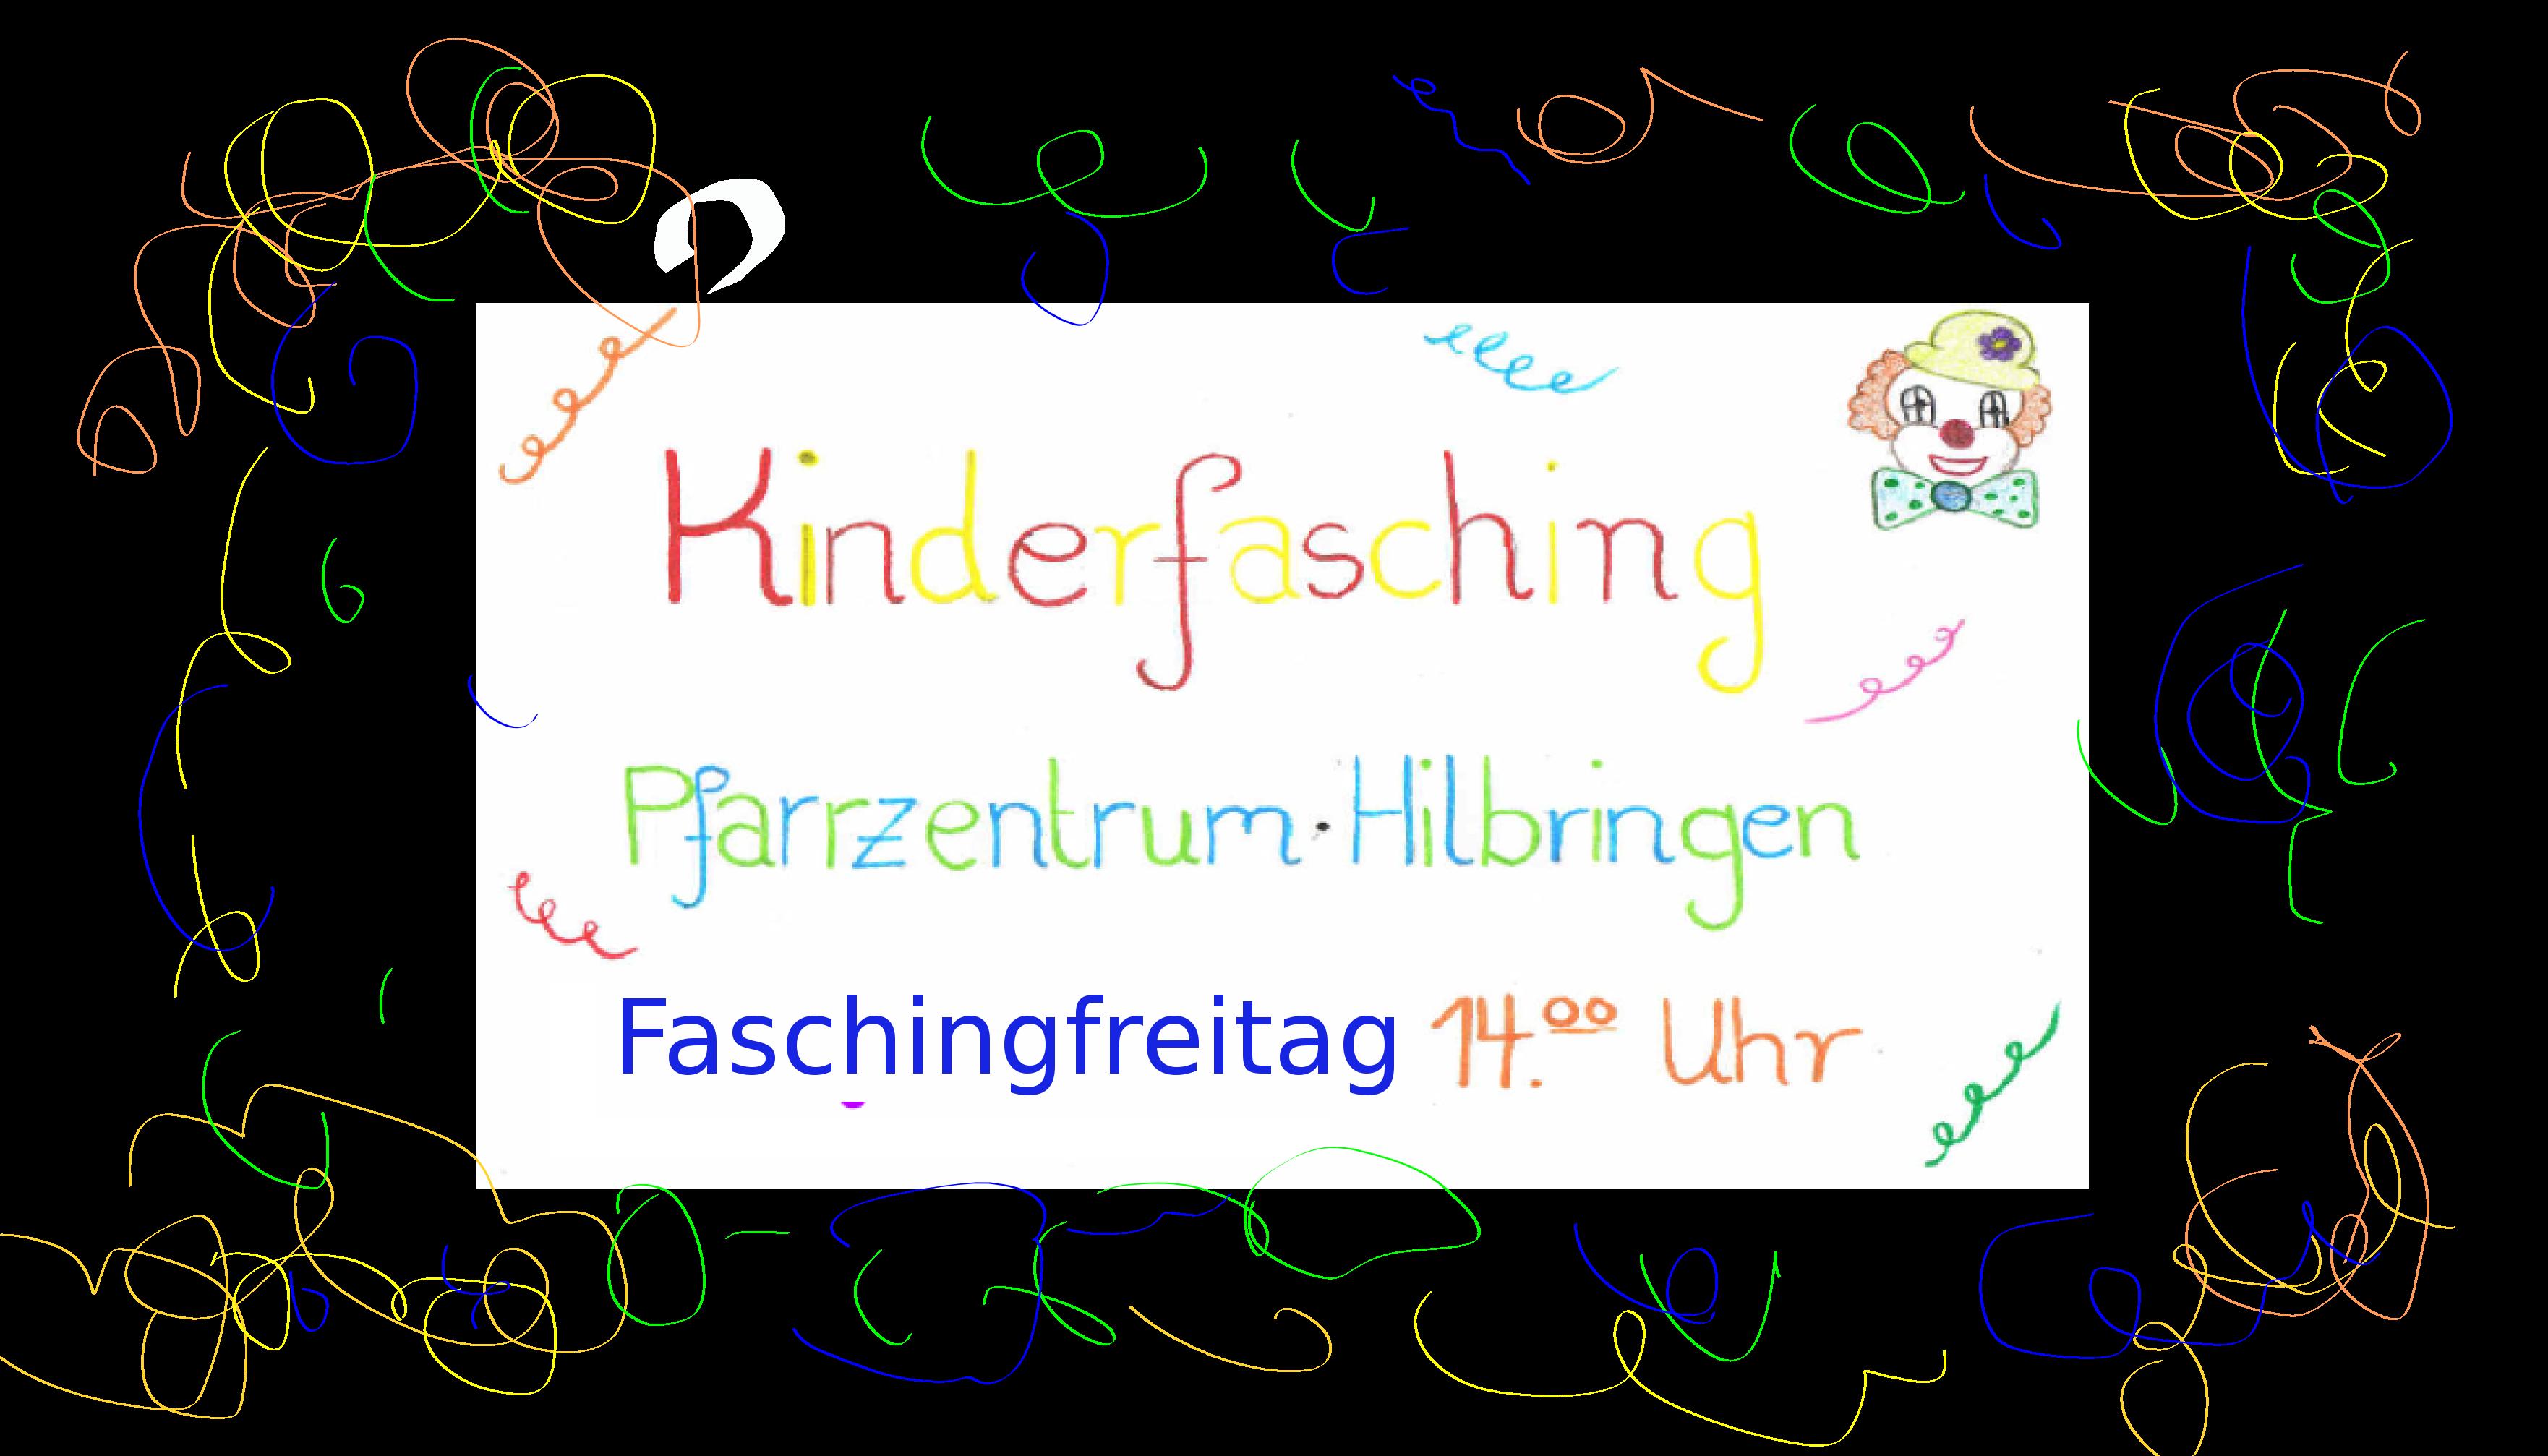 Kinderfasching-breitklein